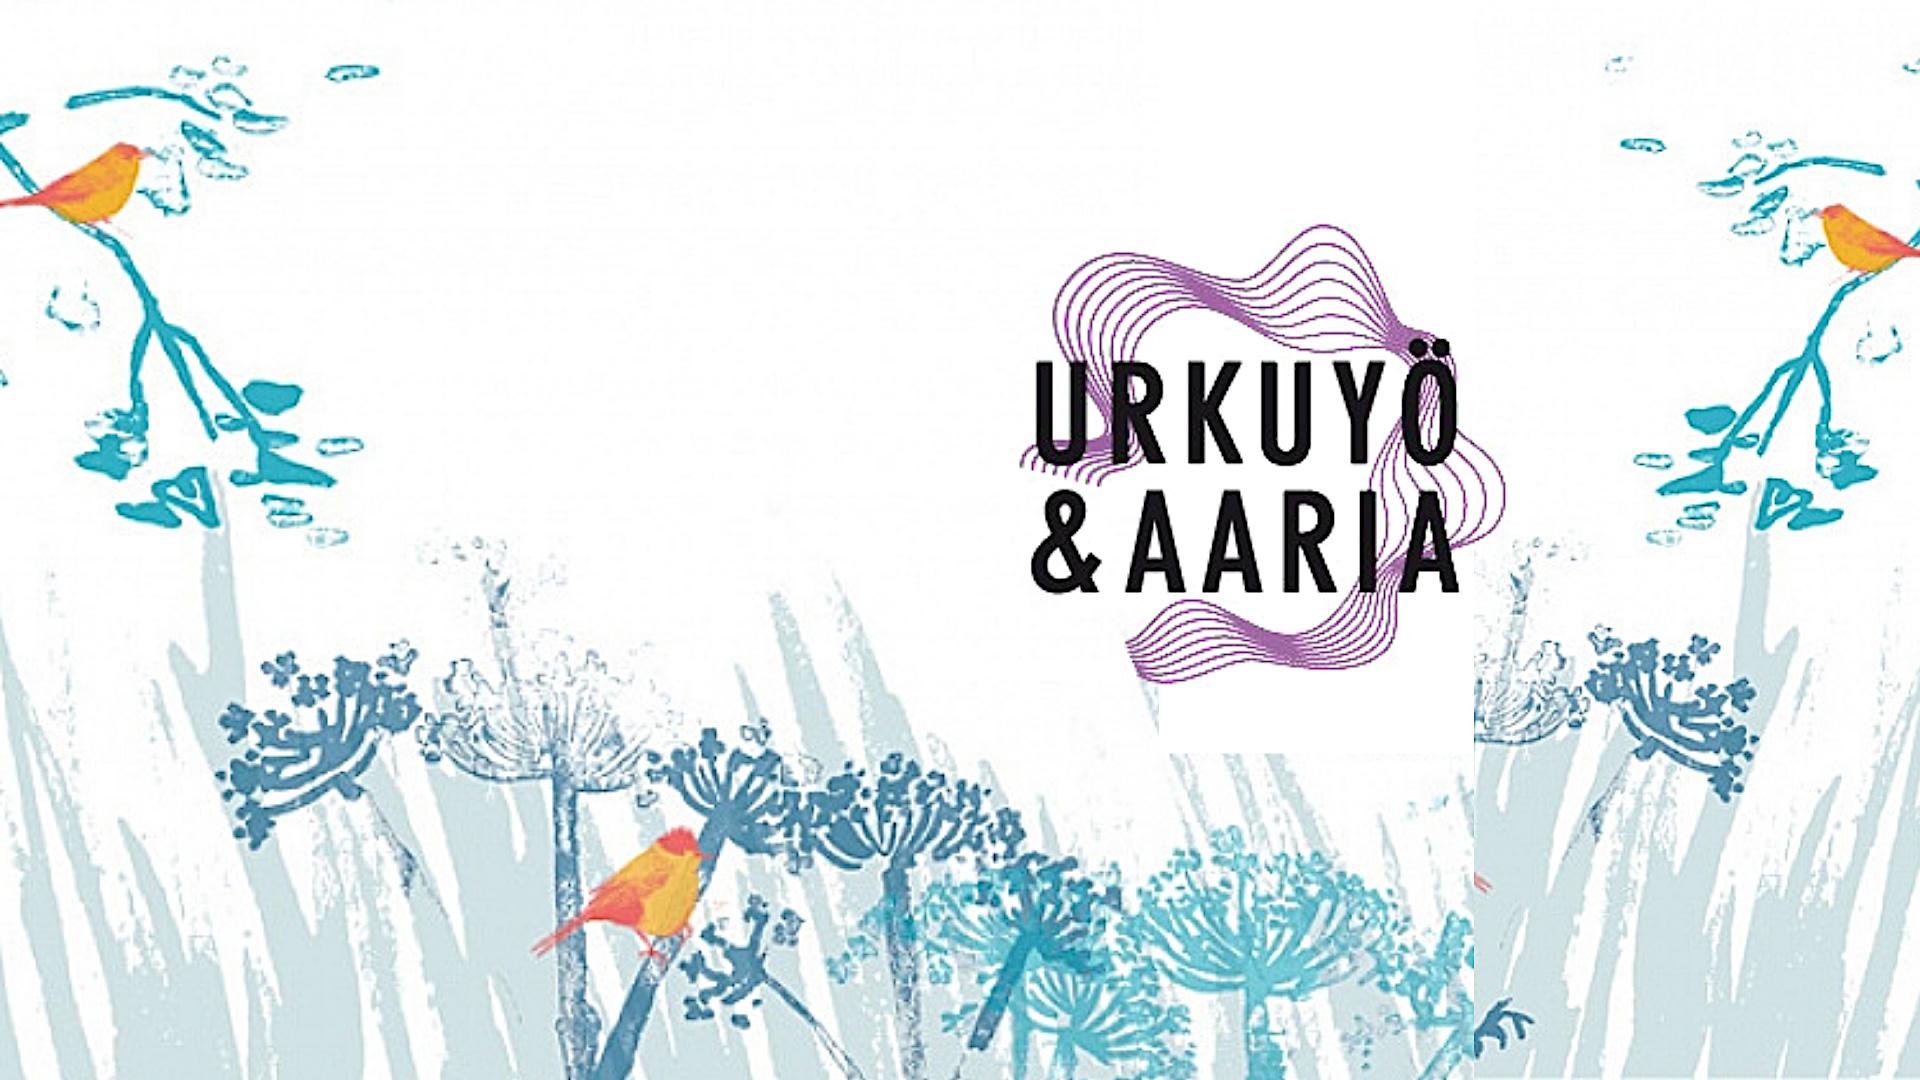 Urkuyö & Aaria -festivaali 2021